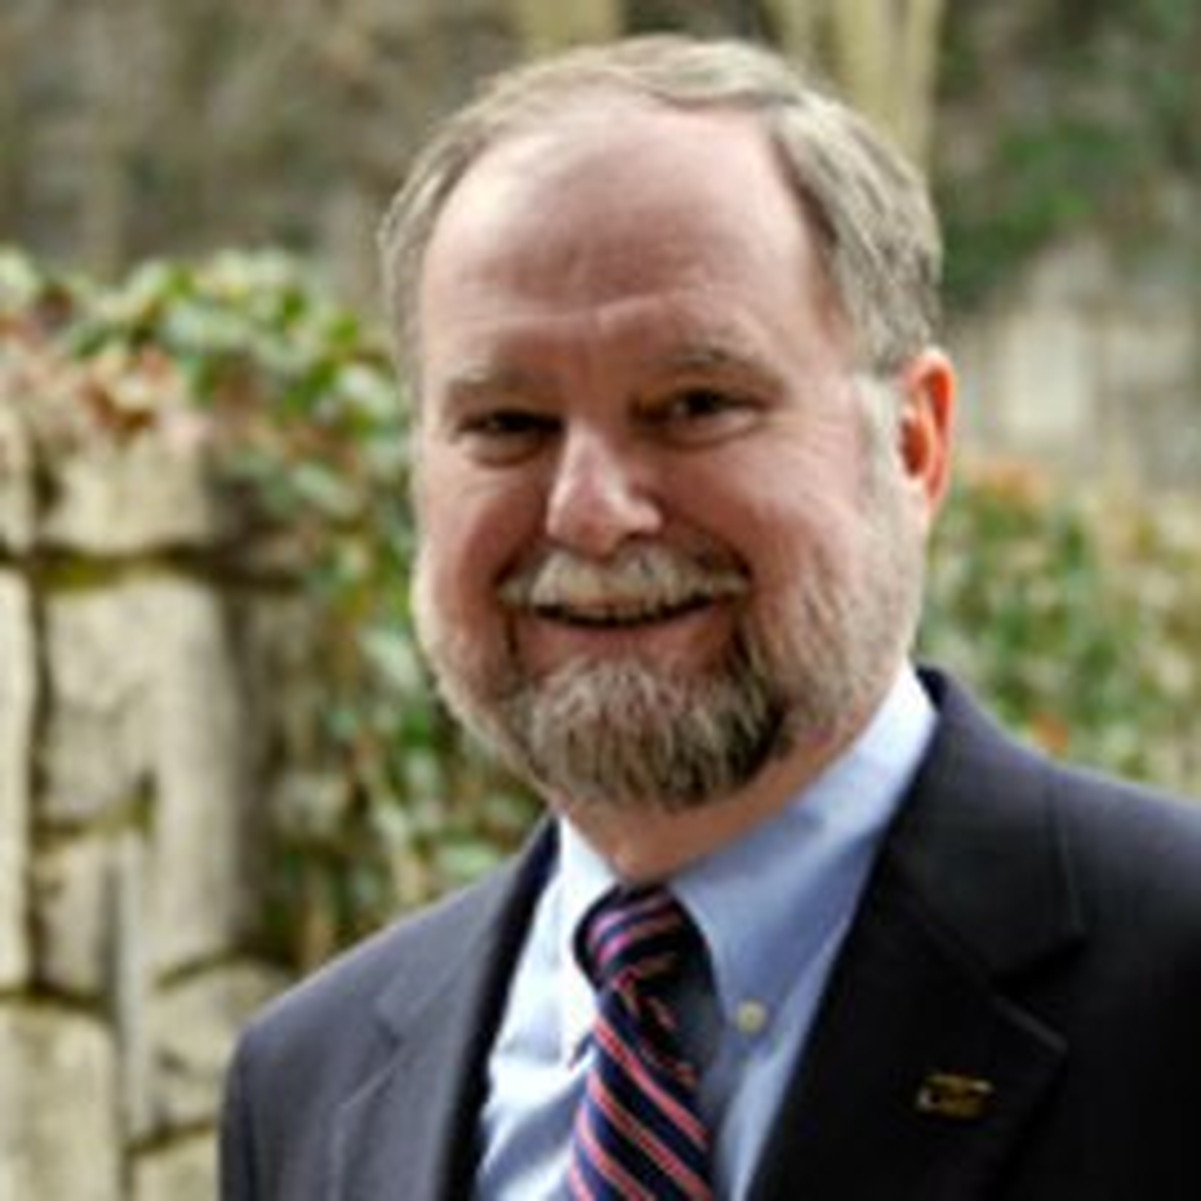 Thomas H. Bornemann, Ed.D. wiki, Thomas H. Bornemann, Ed.D. bio, Thomas H. Bornemann, Ed.D. news